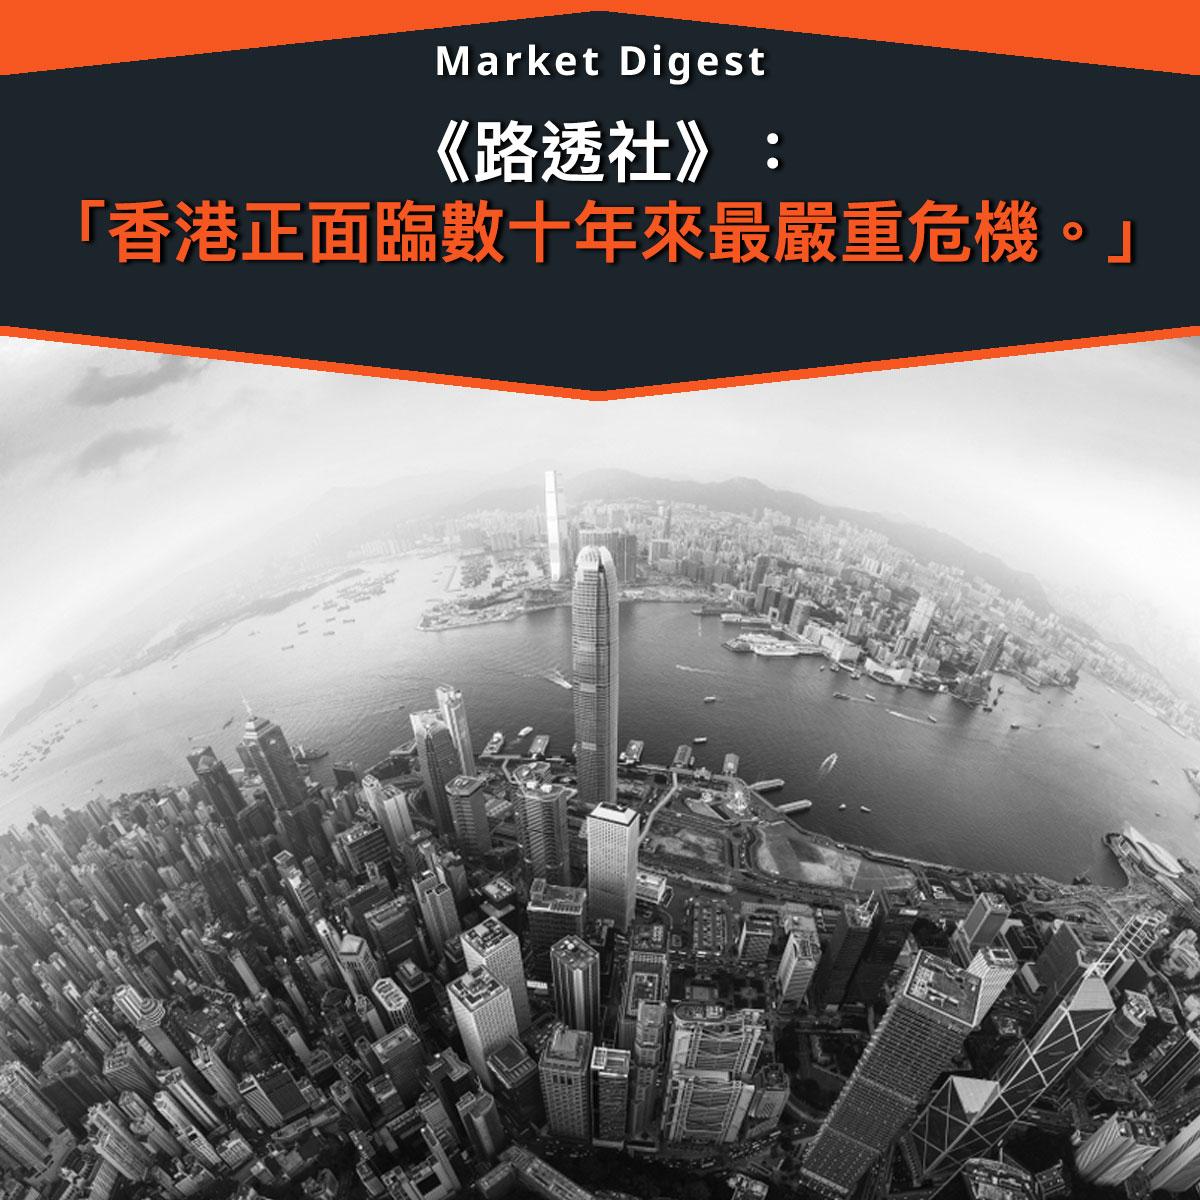 《路透社》: 「香港正面臨數十年來最嚴重危機。」